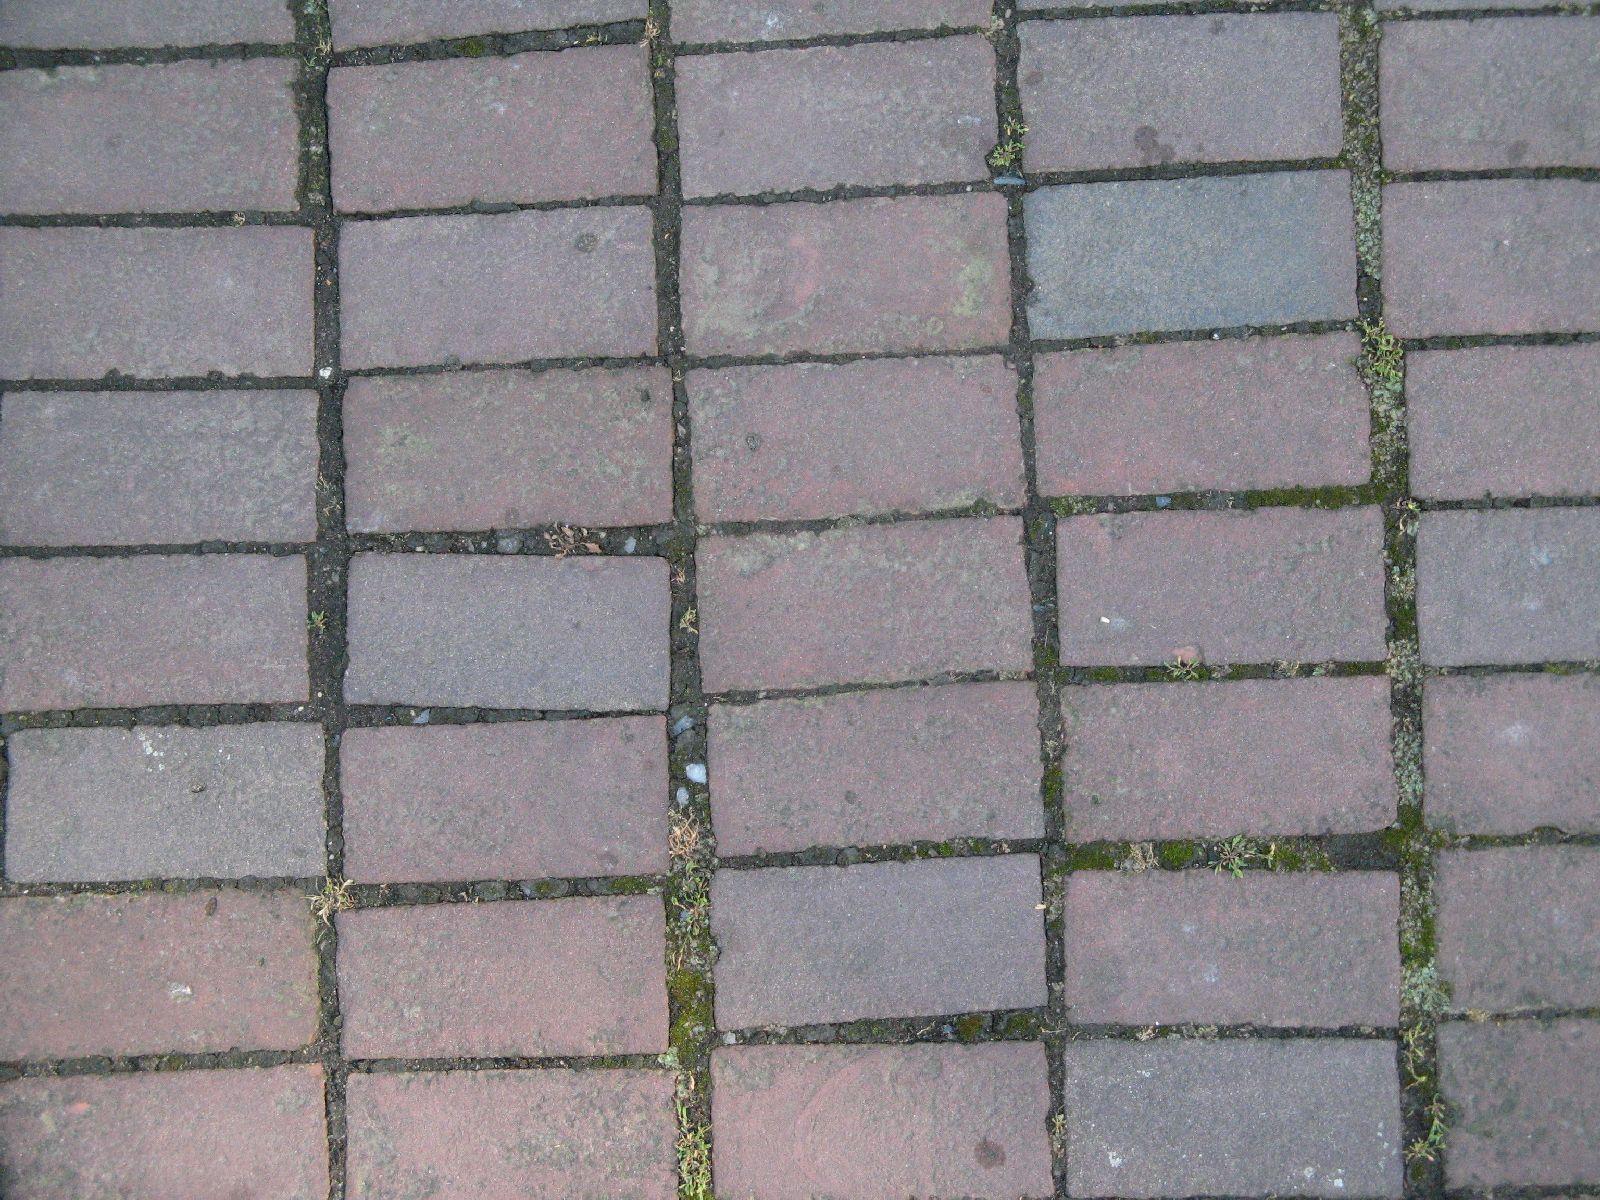 Boden-Gehweg-Strasse-Buergersteig-Textur_B_00661